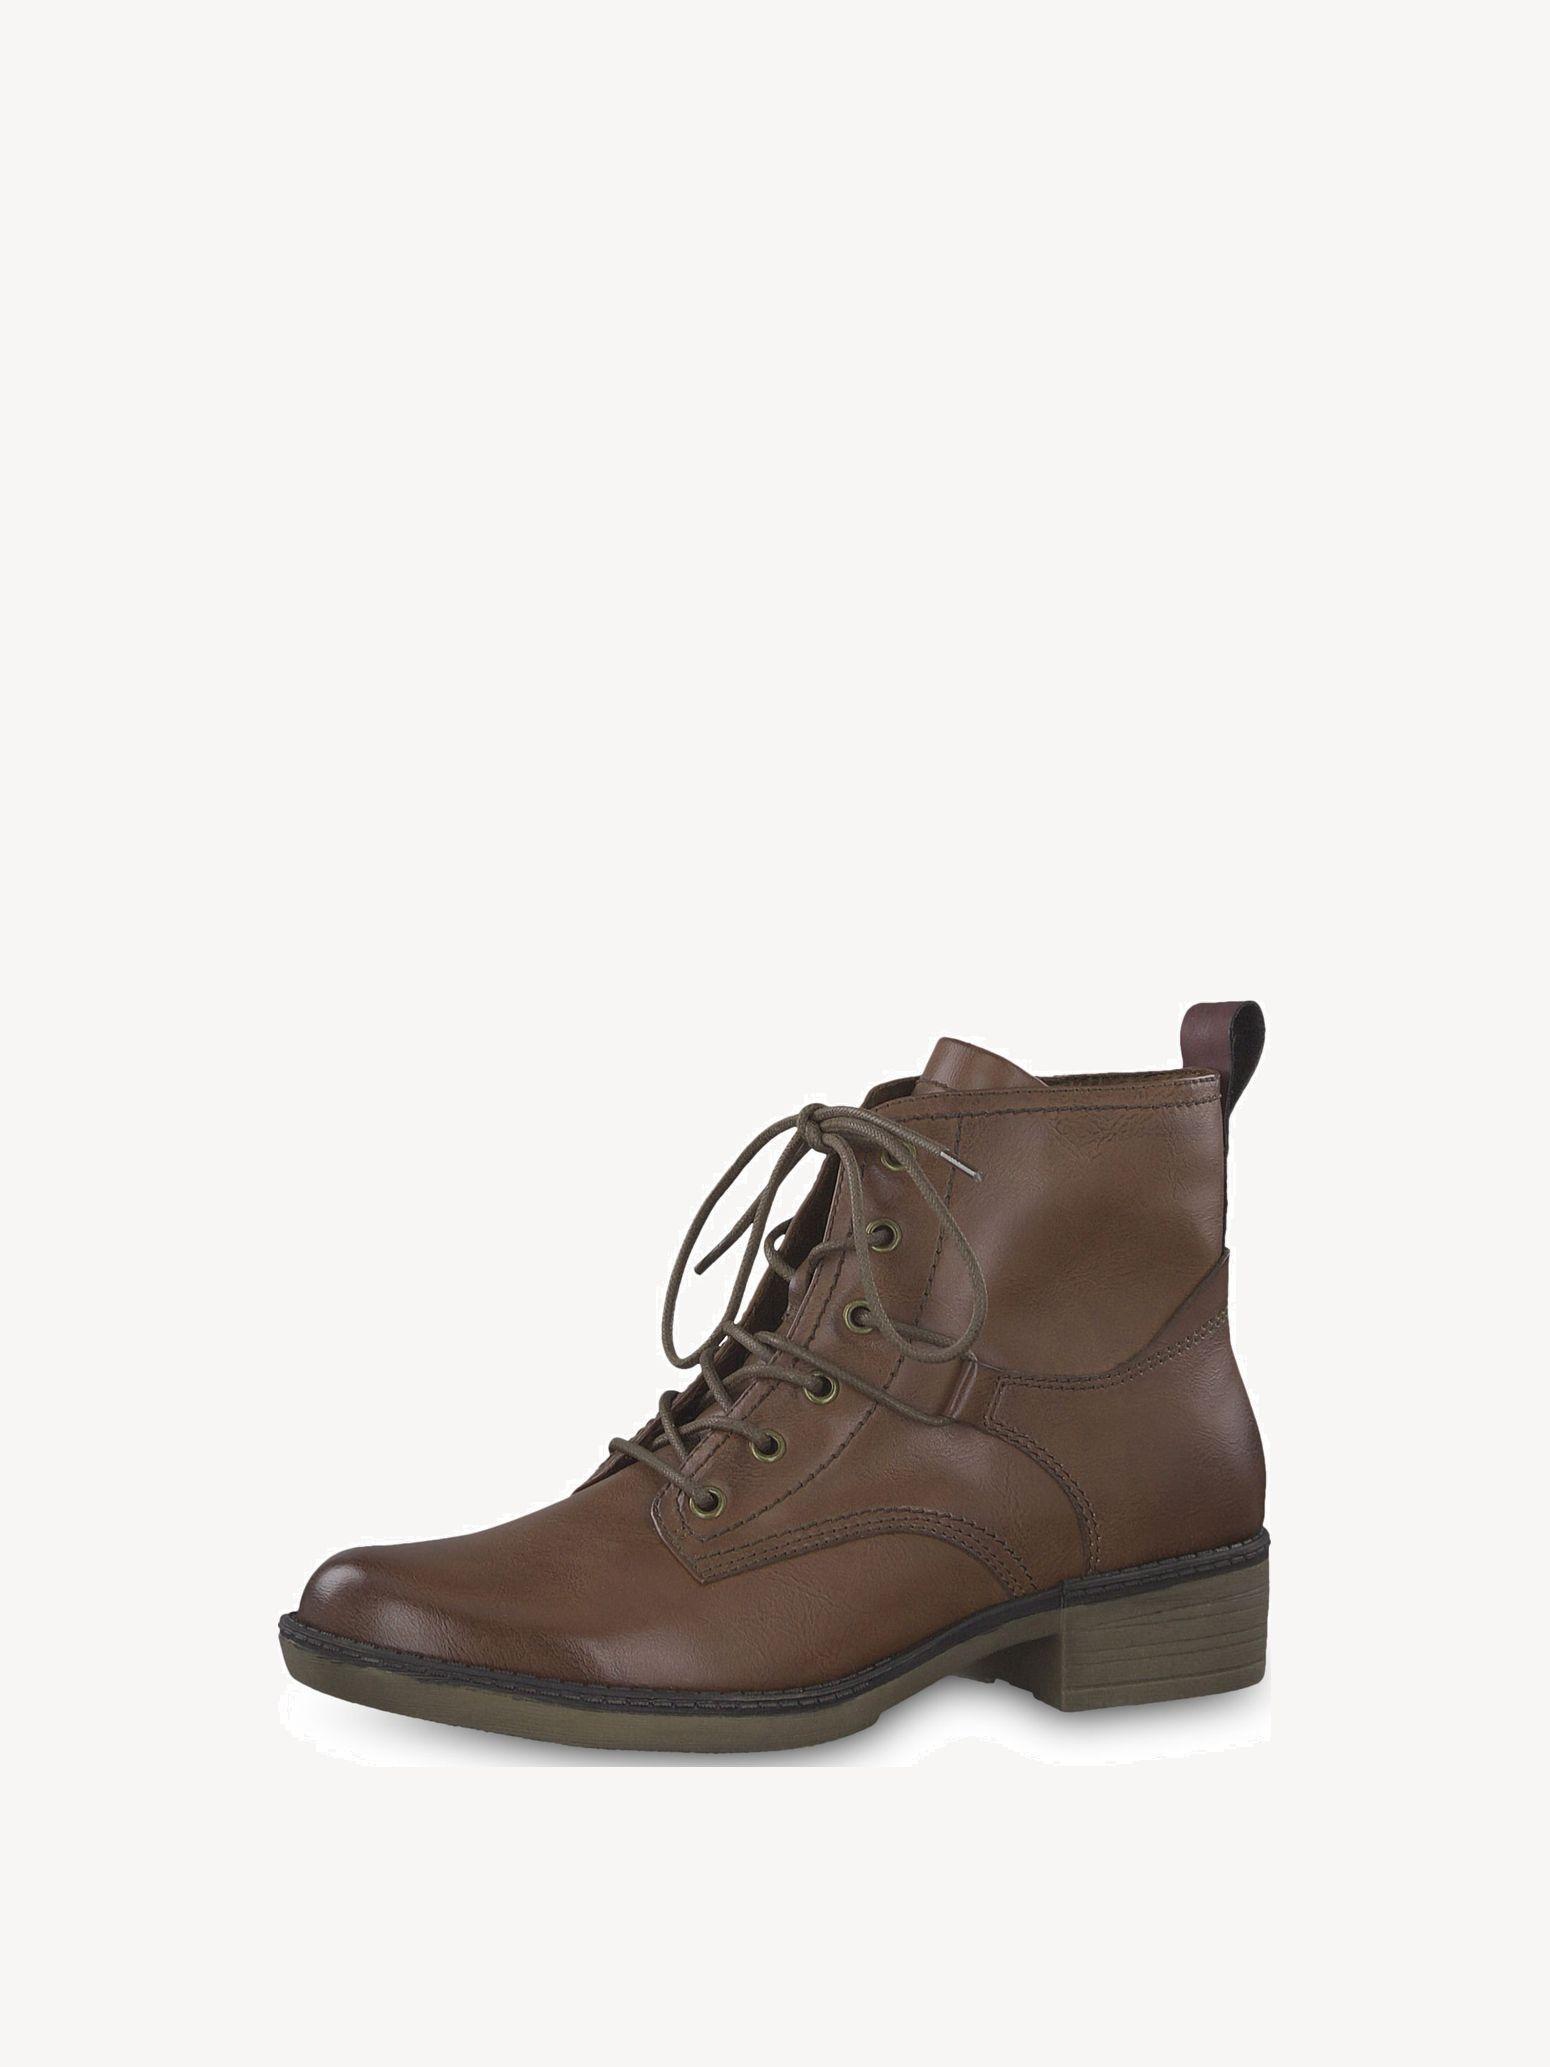 Hayden Hayden Tamaris Tamaris Chaussures Chaussures Tamaris Chaussures 0P8wnOkX